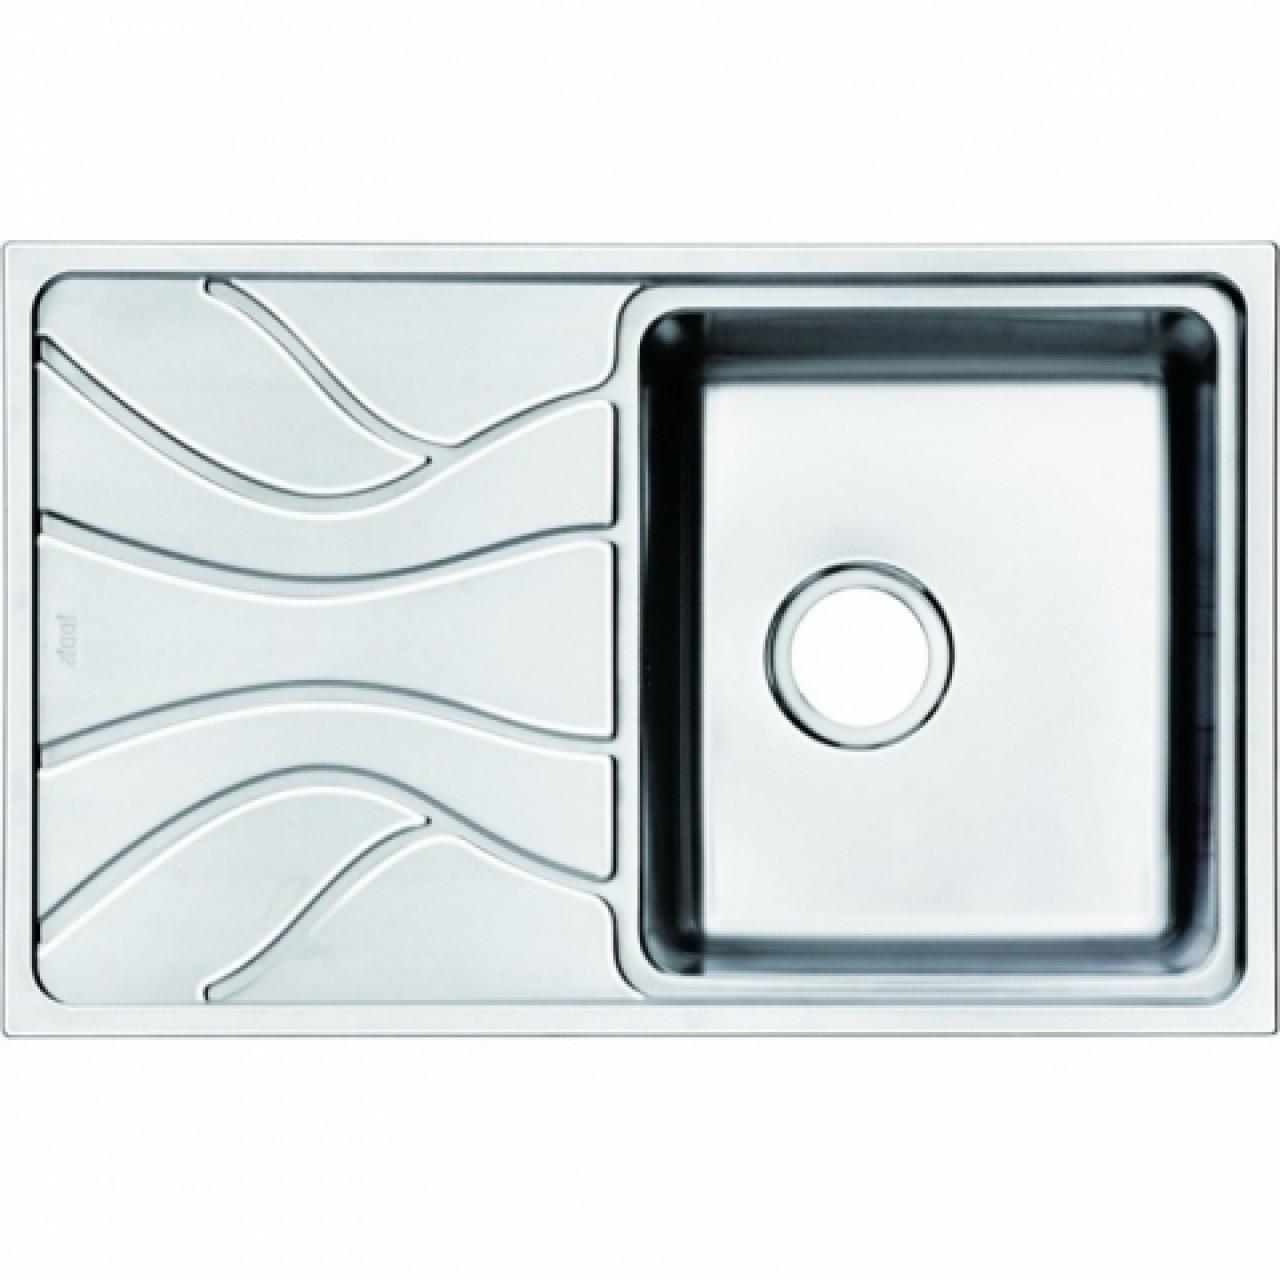 Мойка для кухни Iddis Reeva 780х480 купить в Москве по цене от 8690р. в интернет-магазине mebel-v-vannu.ru